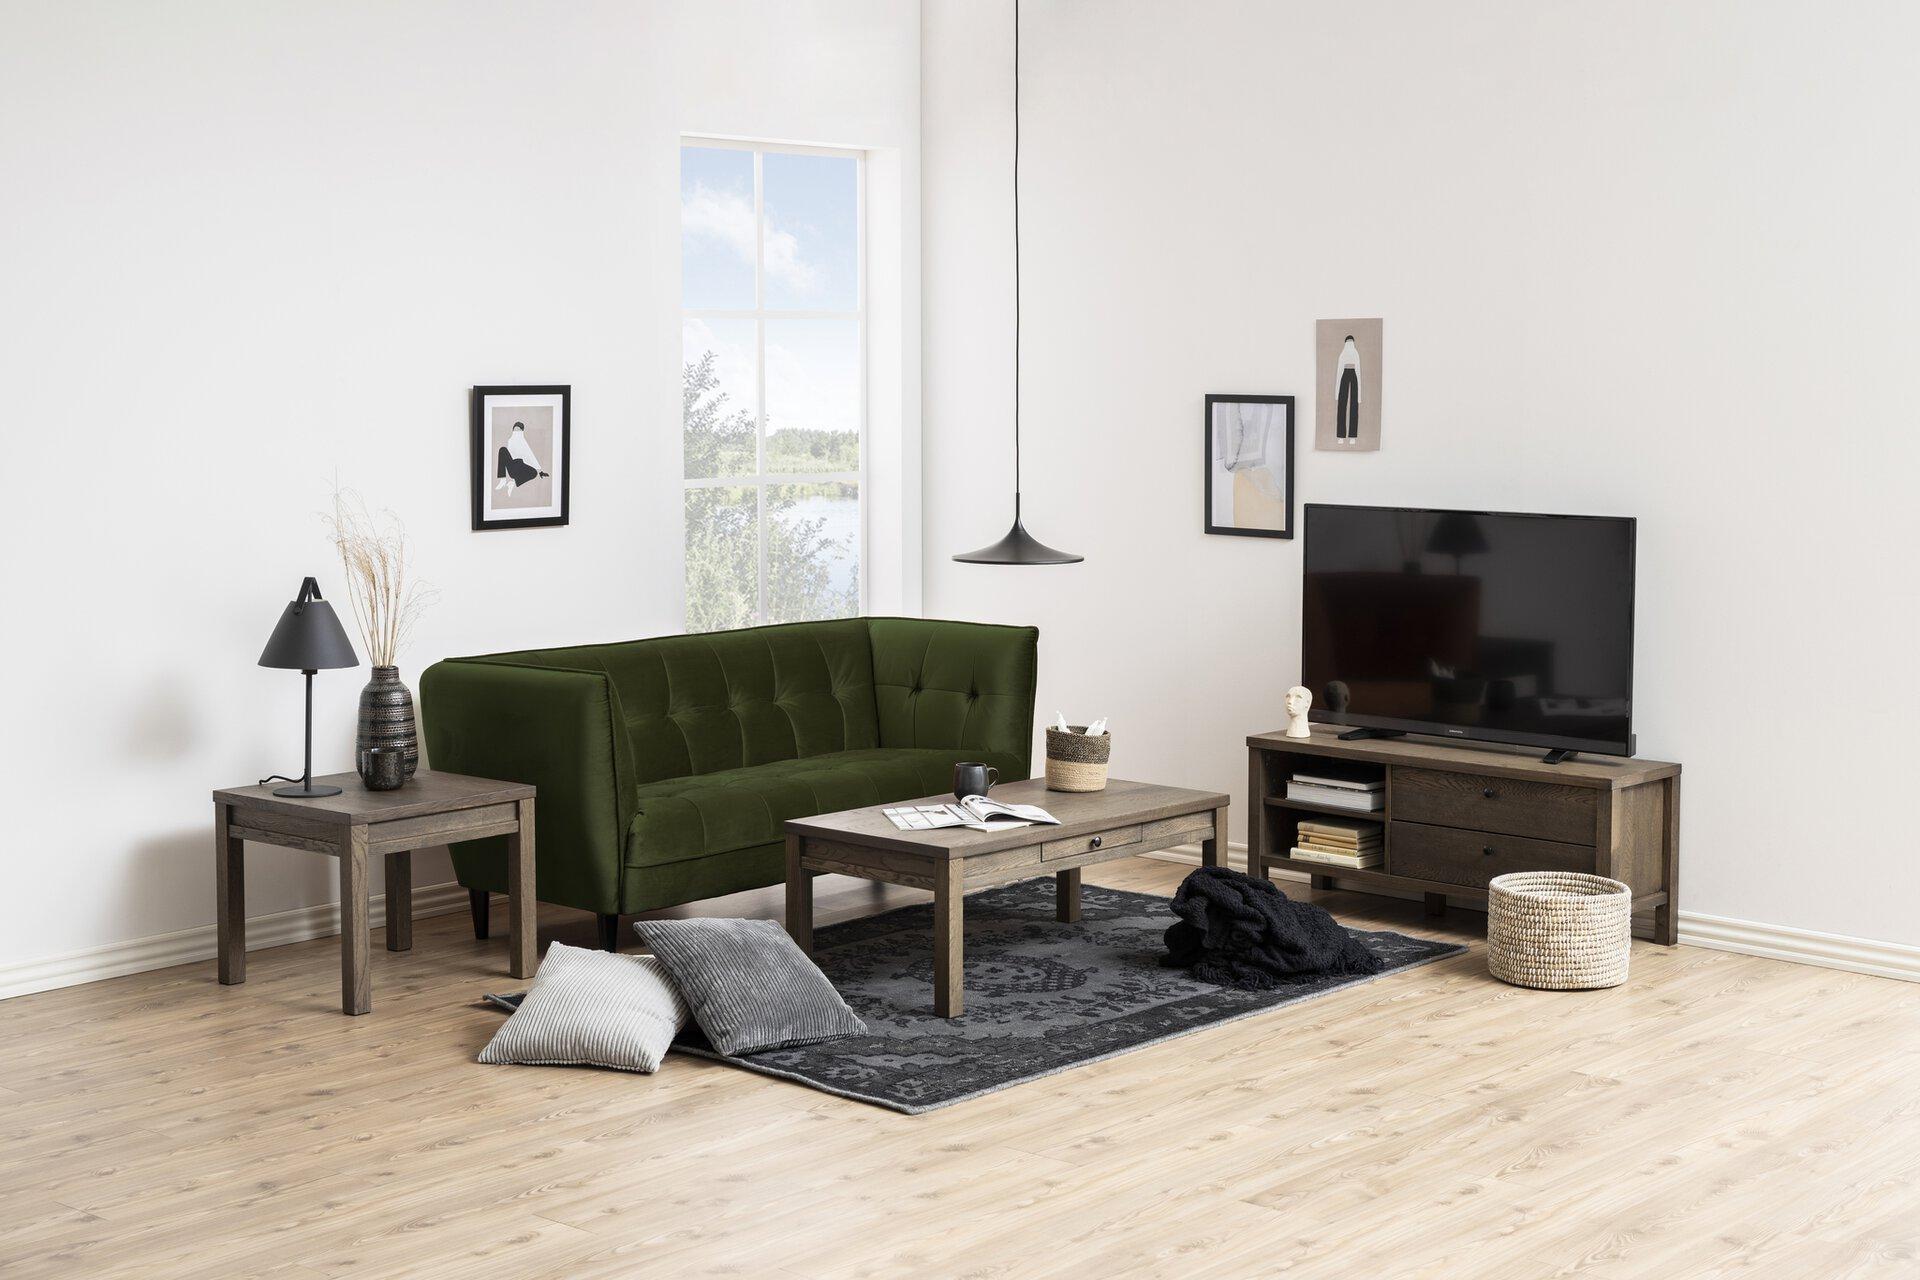 Einzelsofa JONNA CELECT Textil grün 80 x 82 x 182 cm